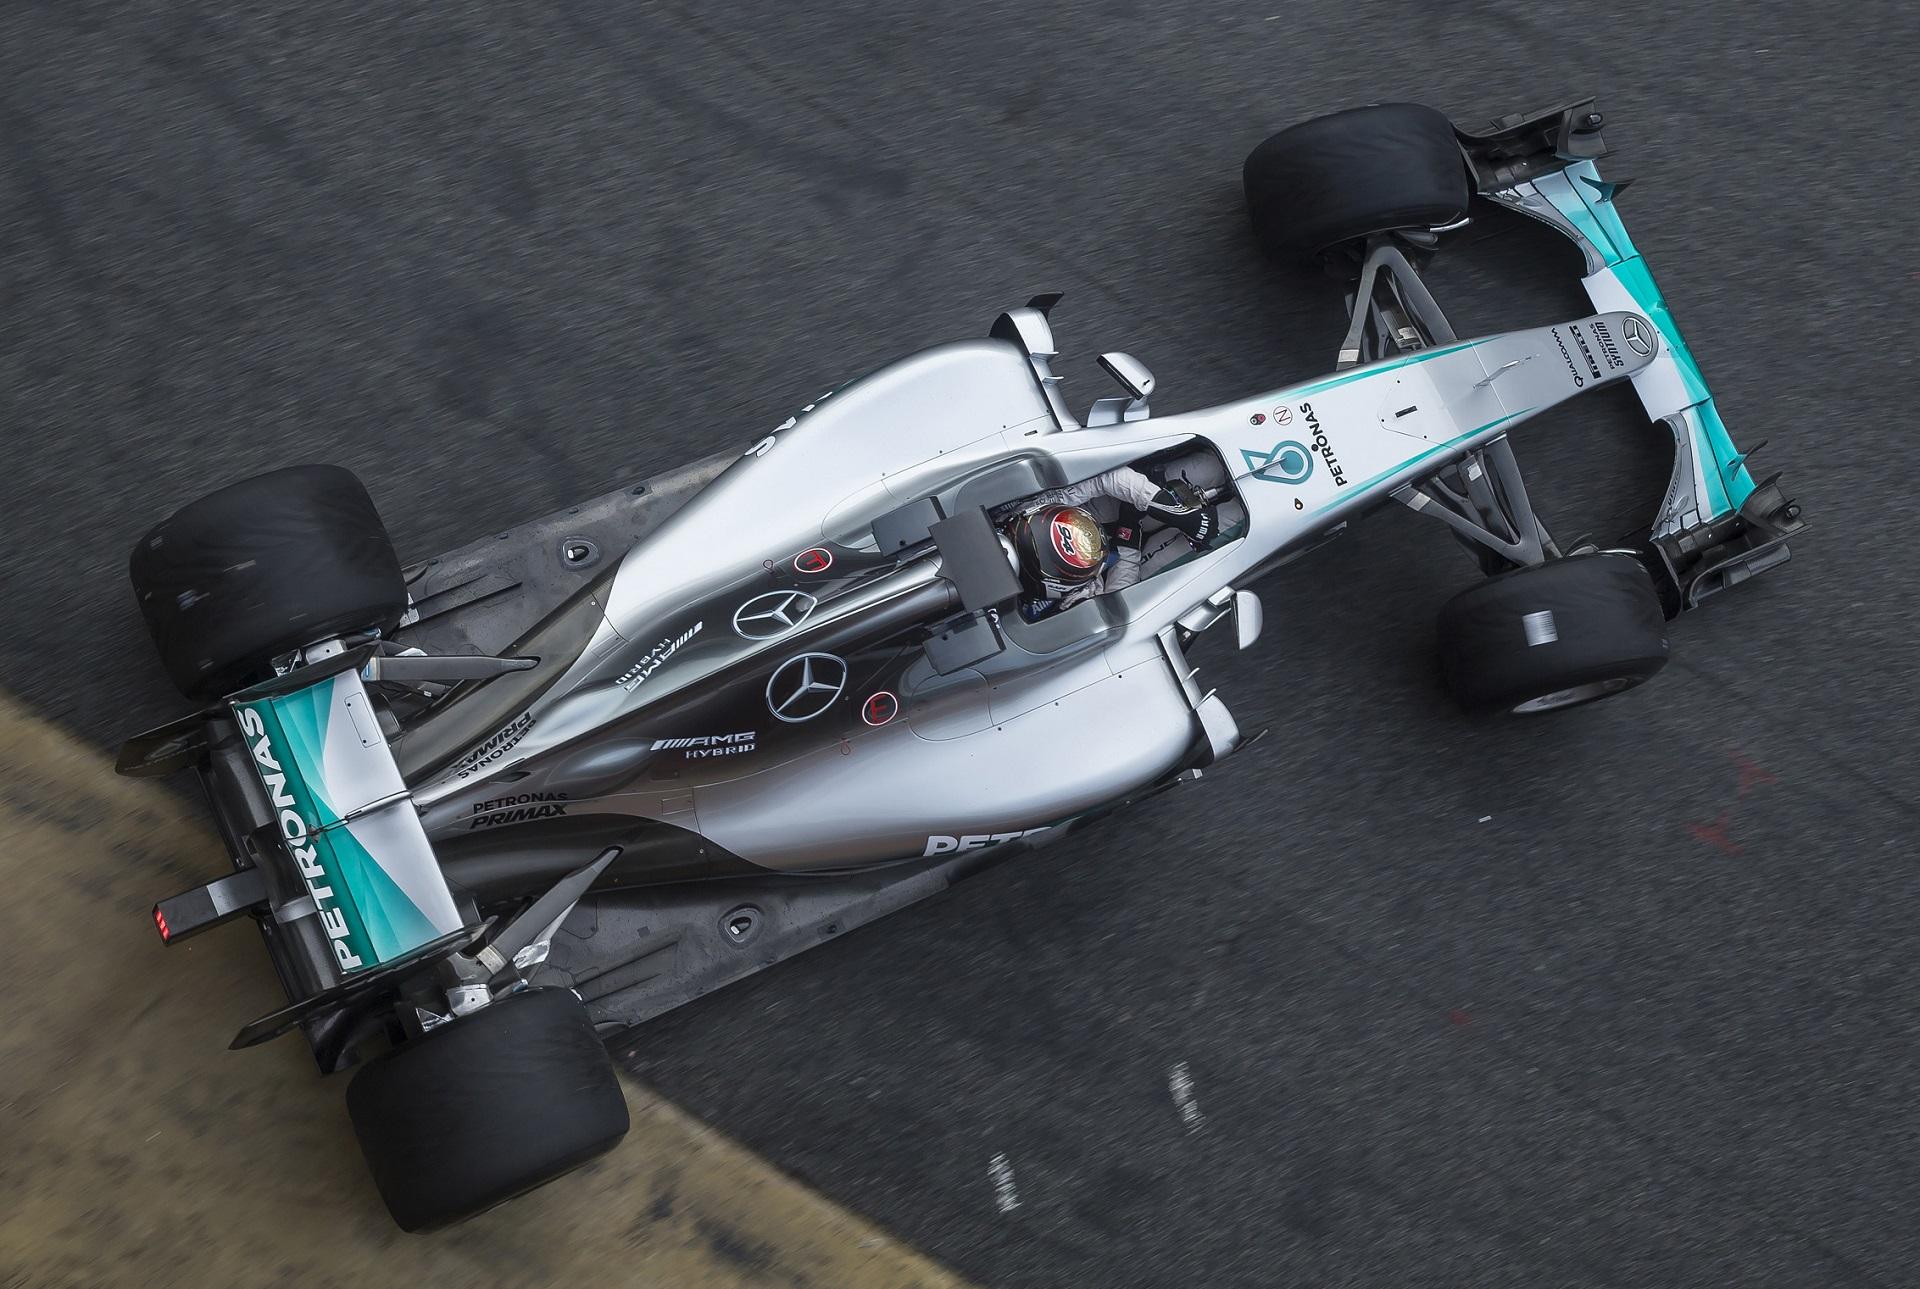 pirelli-f1-2017-tyre-test-wehrlein-mercedes-foto-pirelli